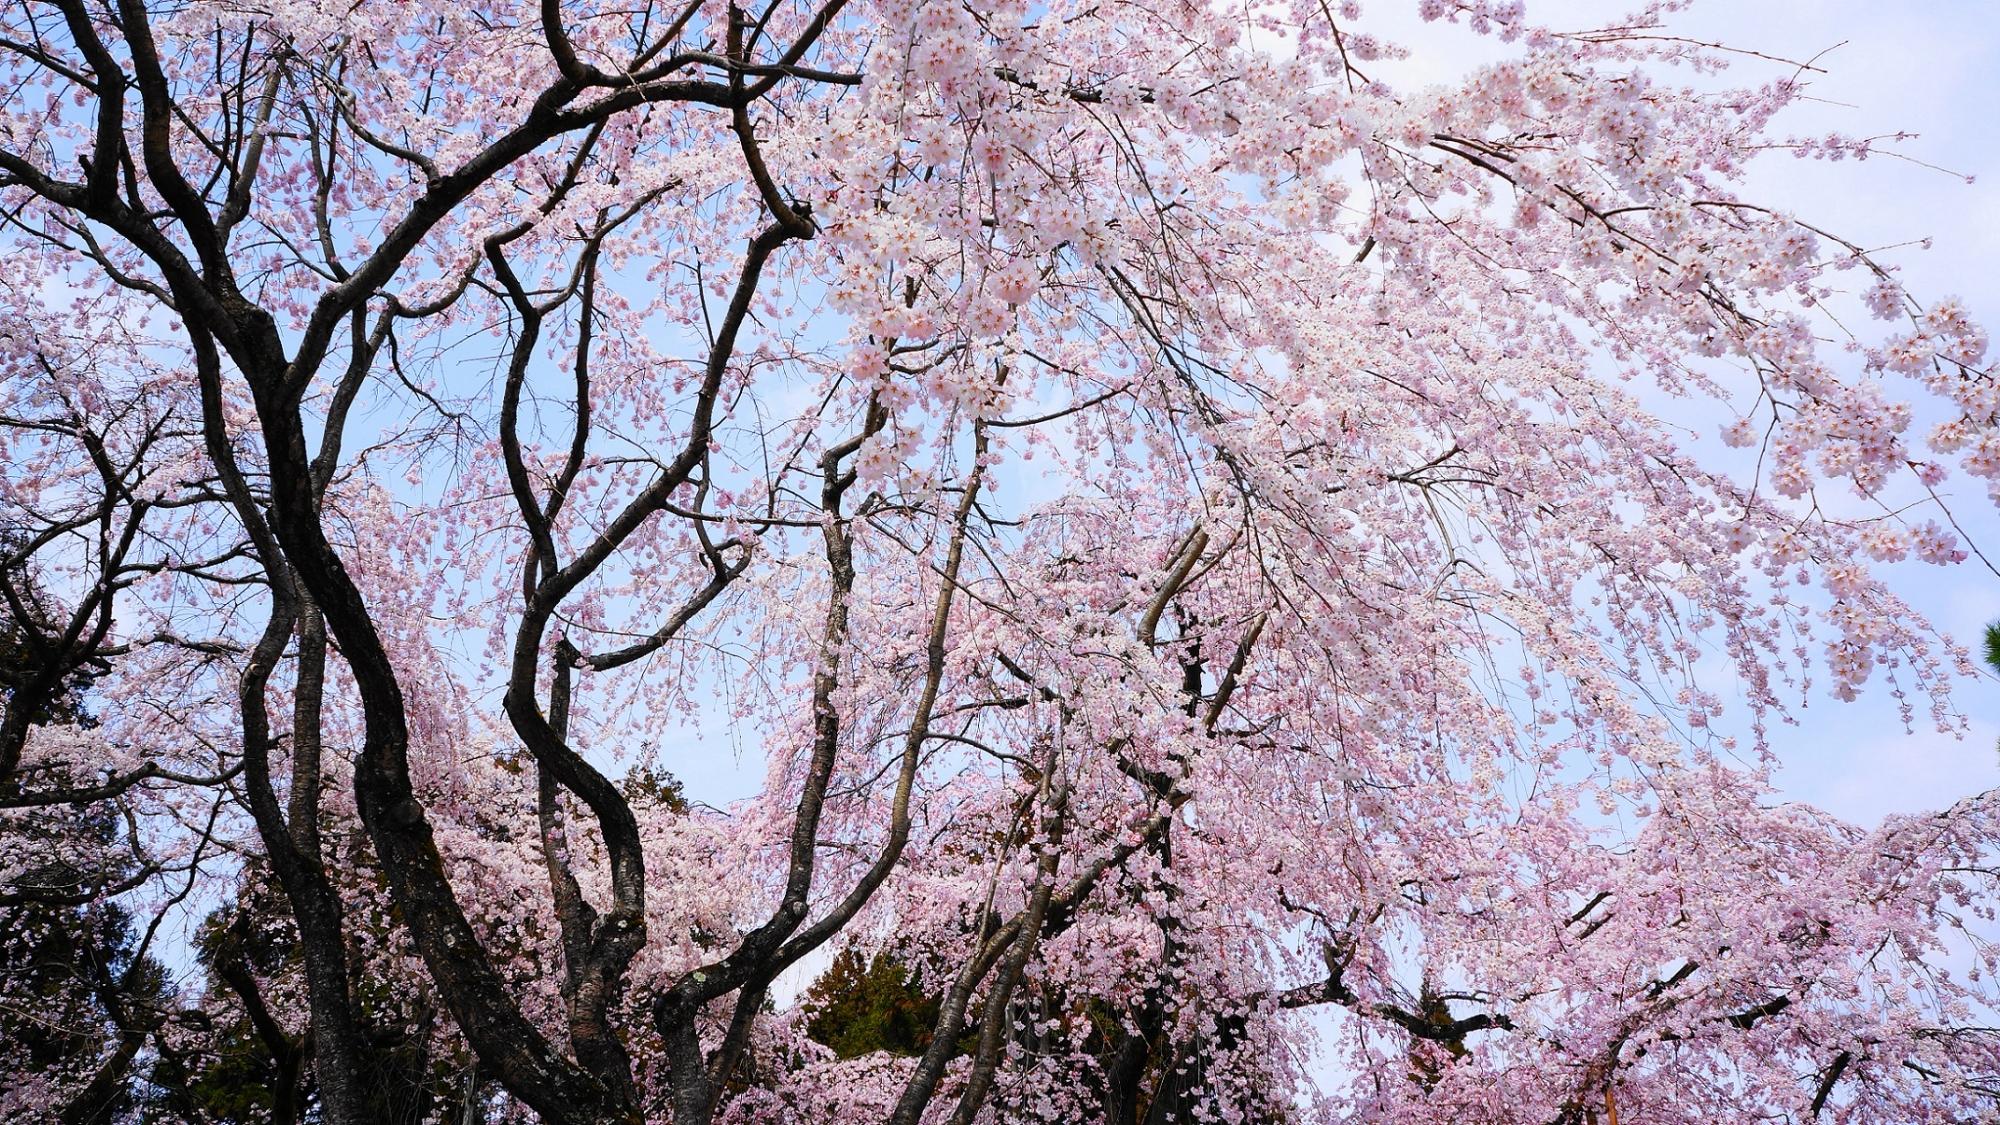 世界遺産の醍醐寺の三宝院の満開の豪快な太閤しだれ桜